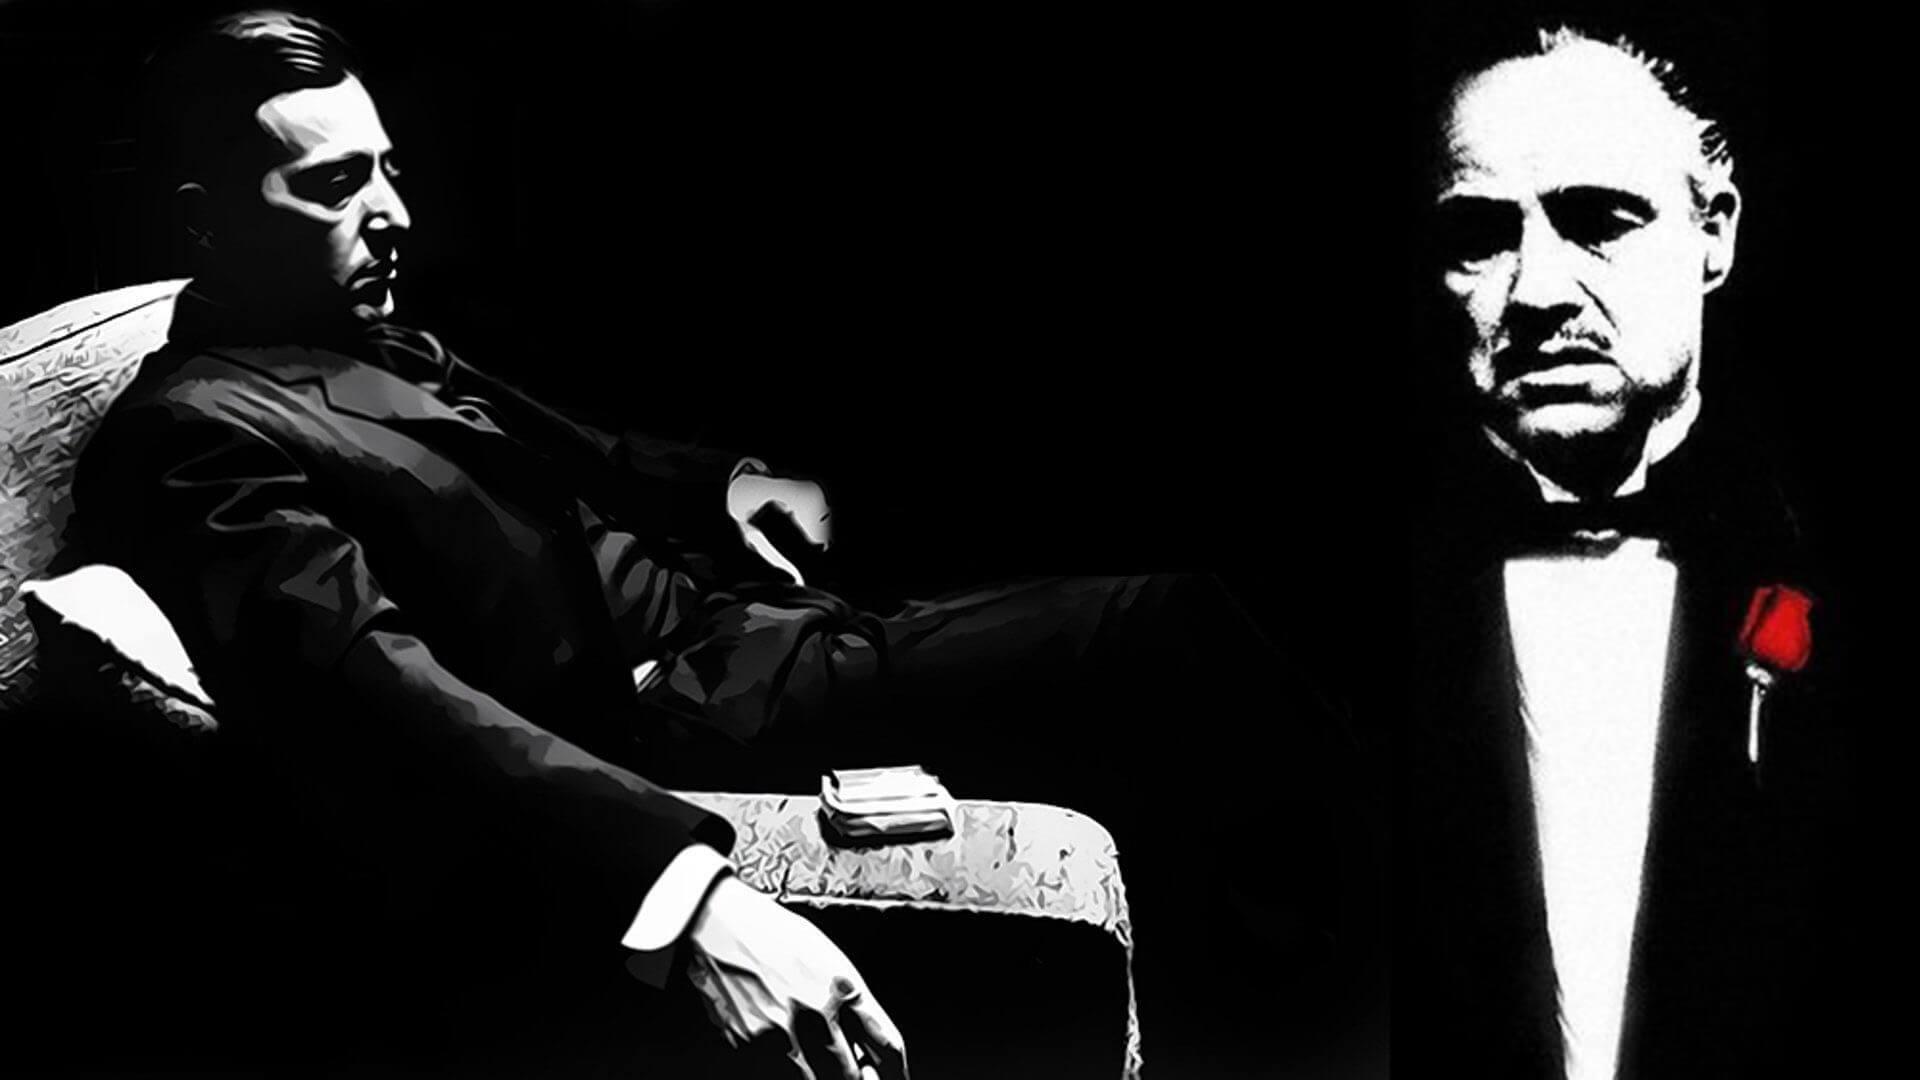 حقایق ناگفته درباره سهگانه پدرخوانده Godfather